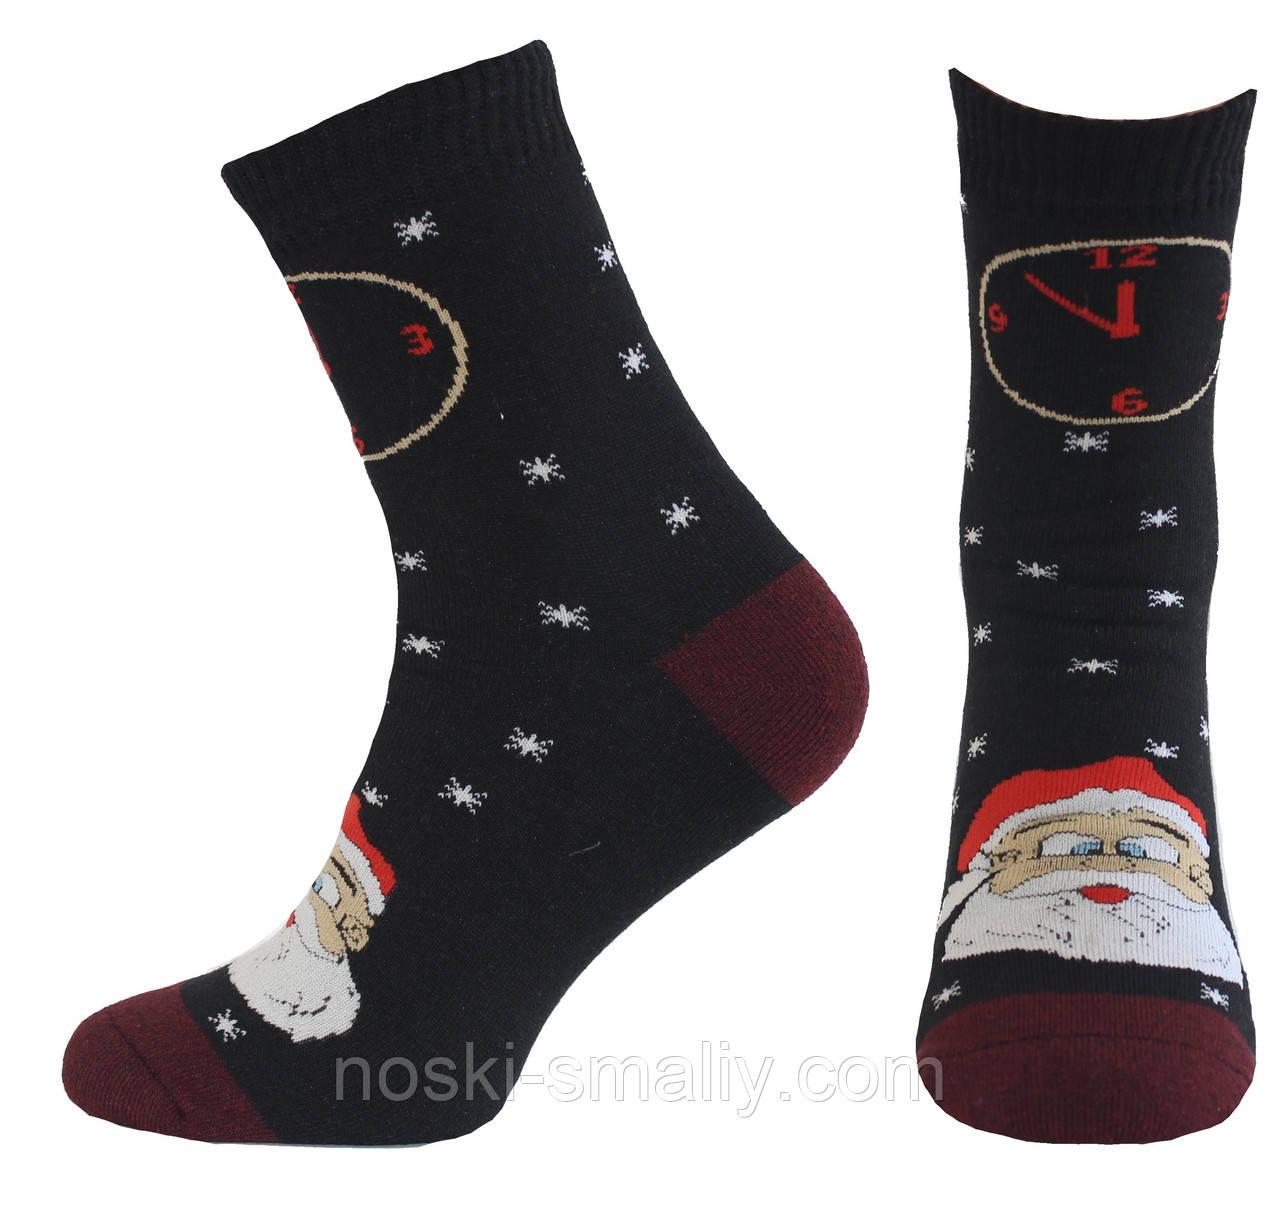 620cbcbdc644a Мужские носки с рисунком по паголенку, зима: купить по оптовым ценам ...